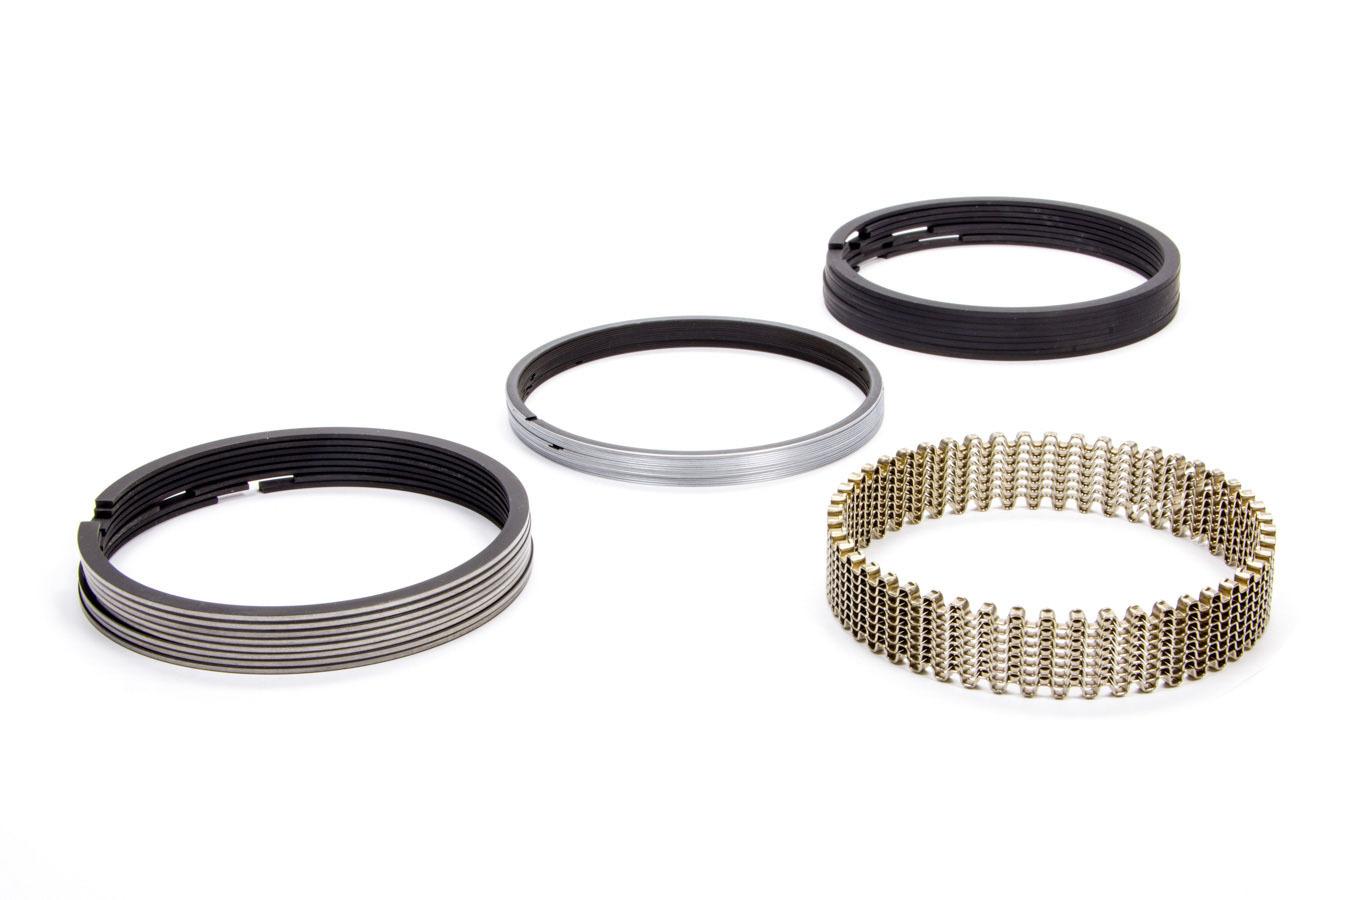 Piston Ring Set 4.310 5/64 5/64 3/16